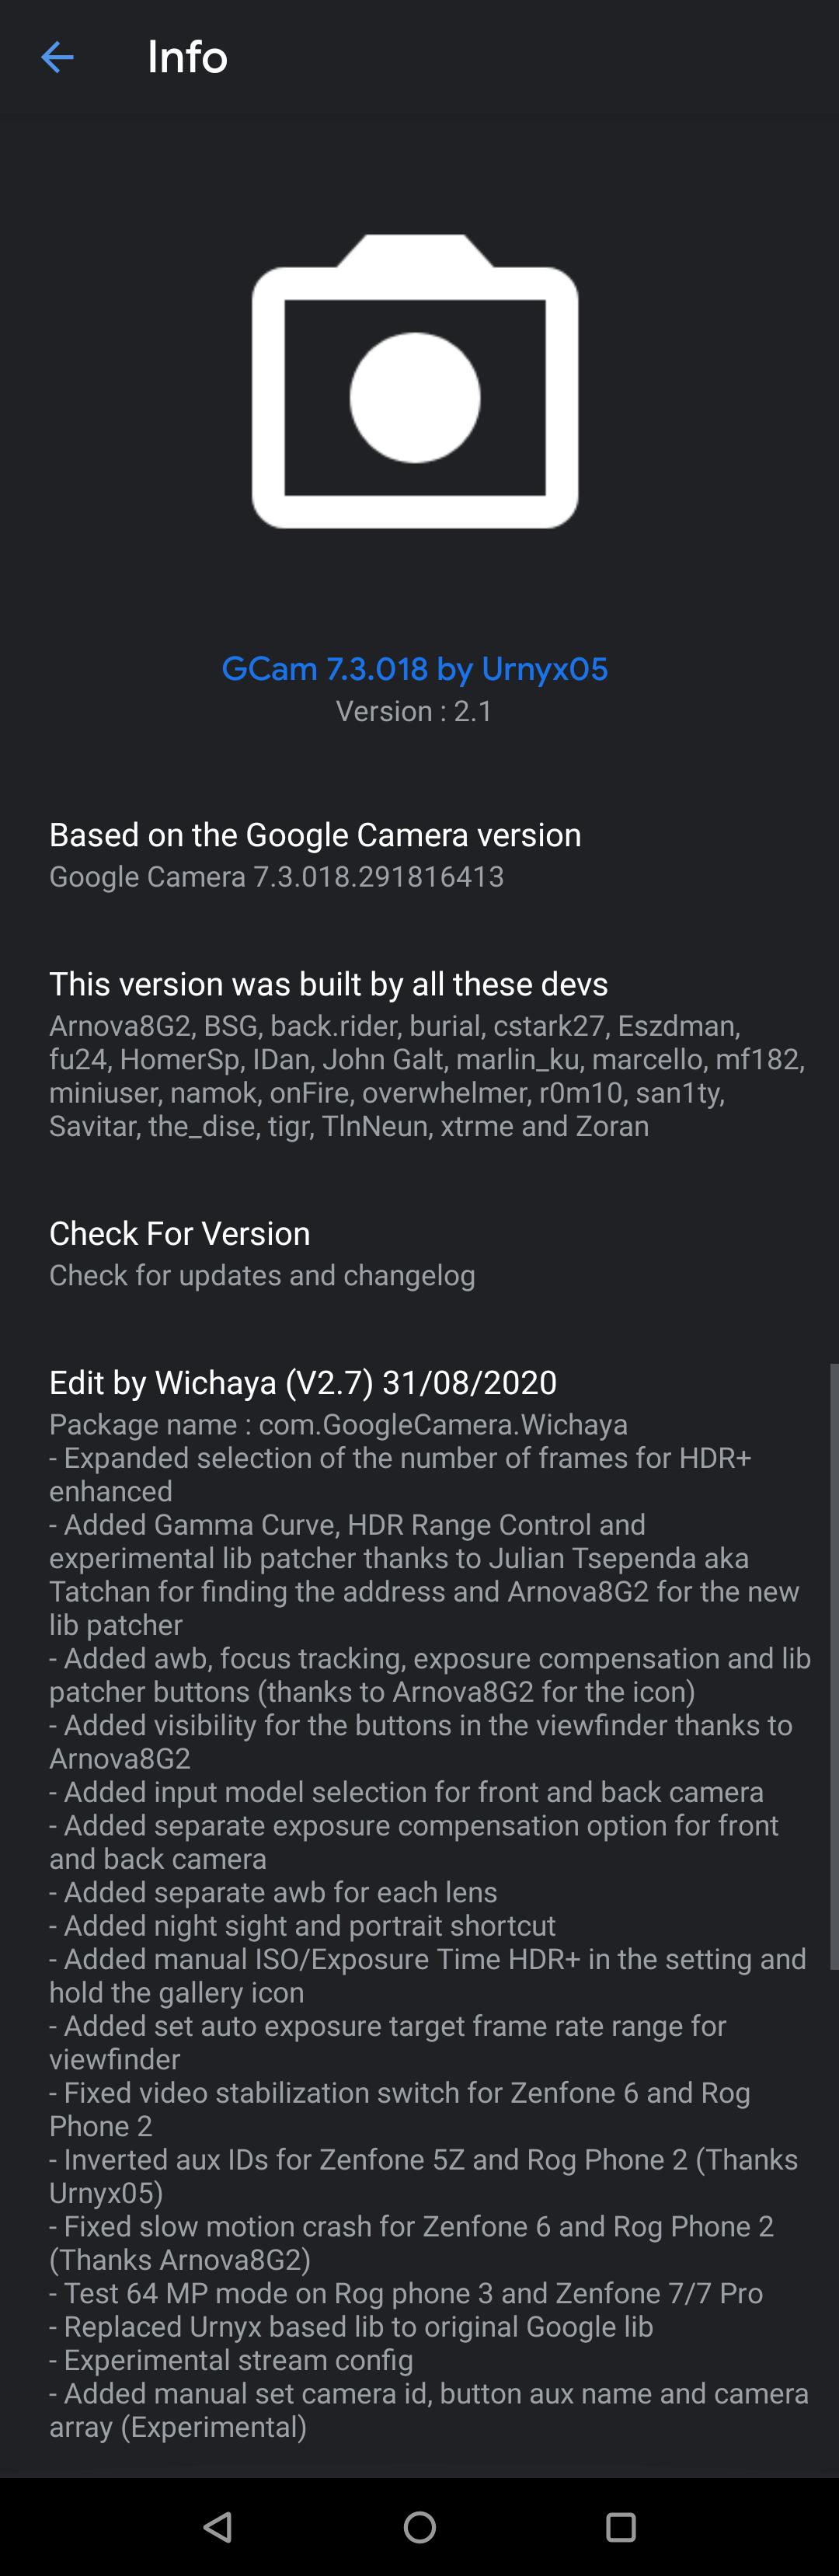 GCam_7.3.018_Urnyx05-v2.1_Wichaya v2.7.3